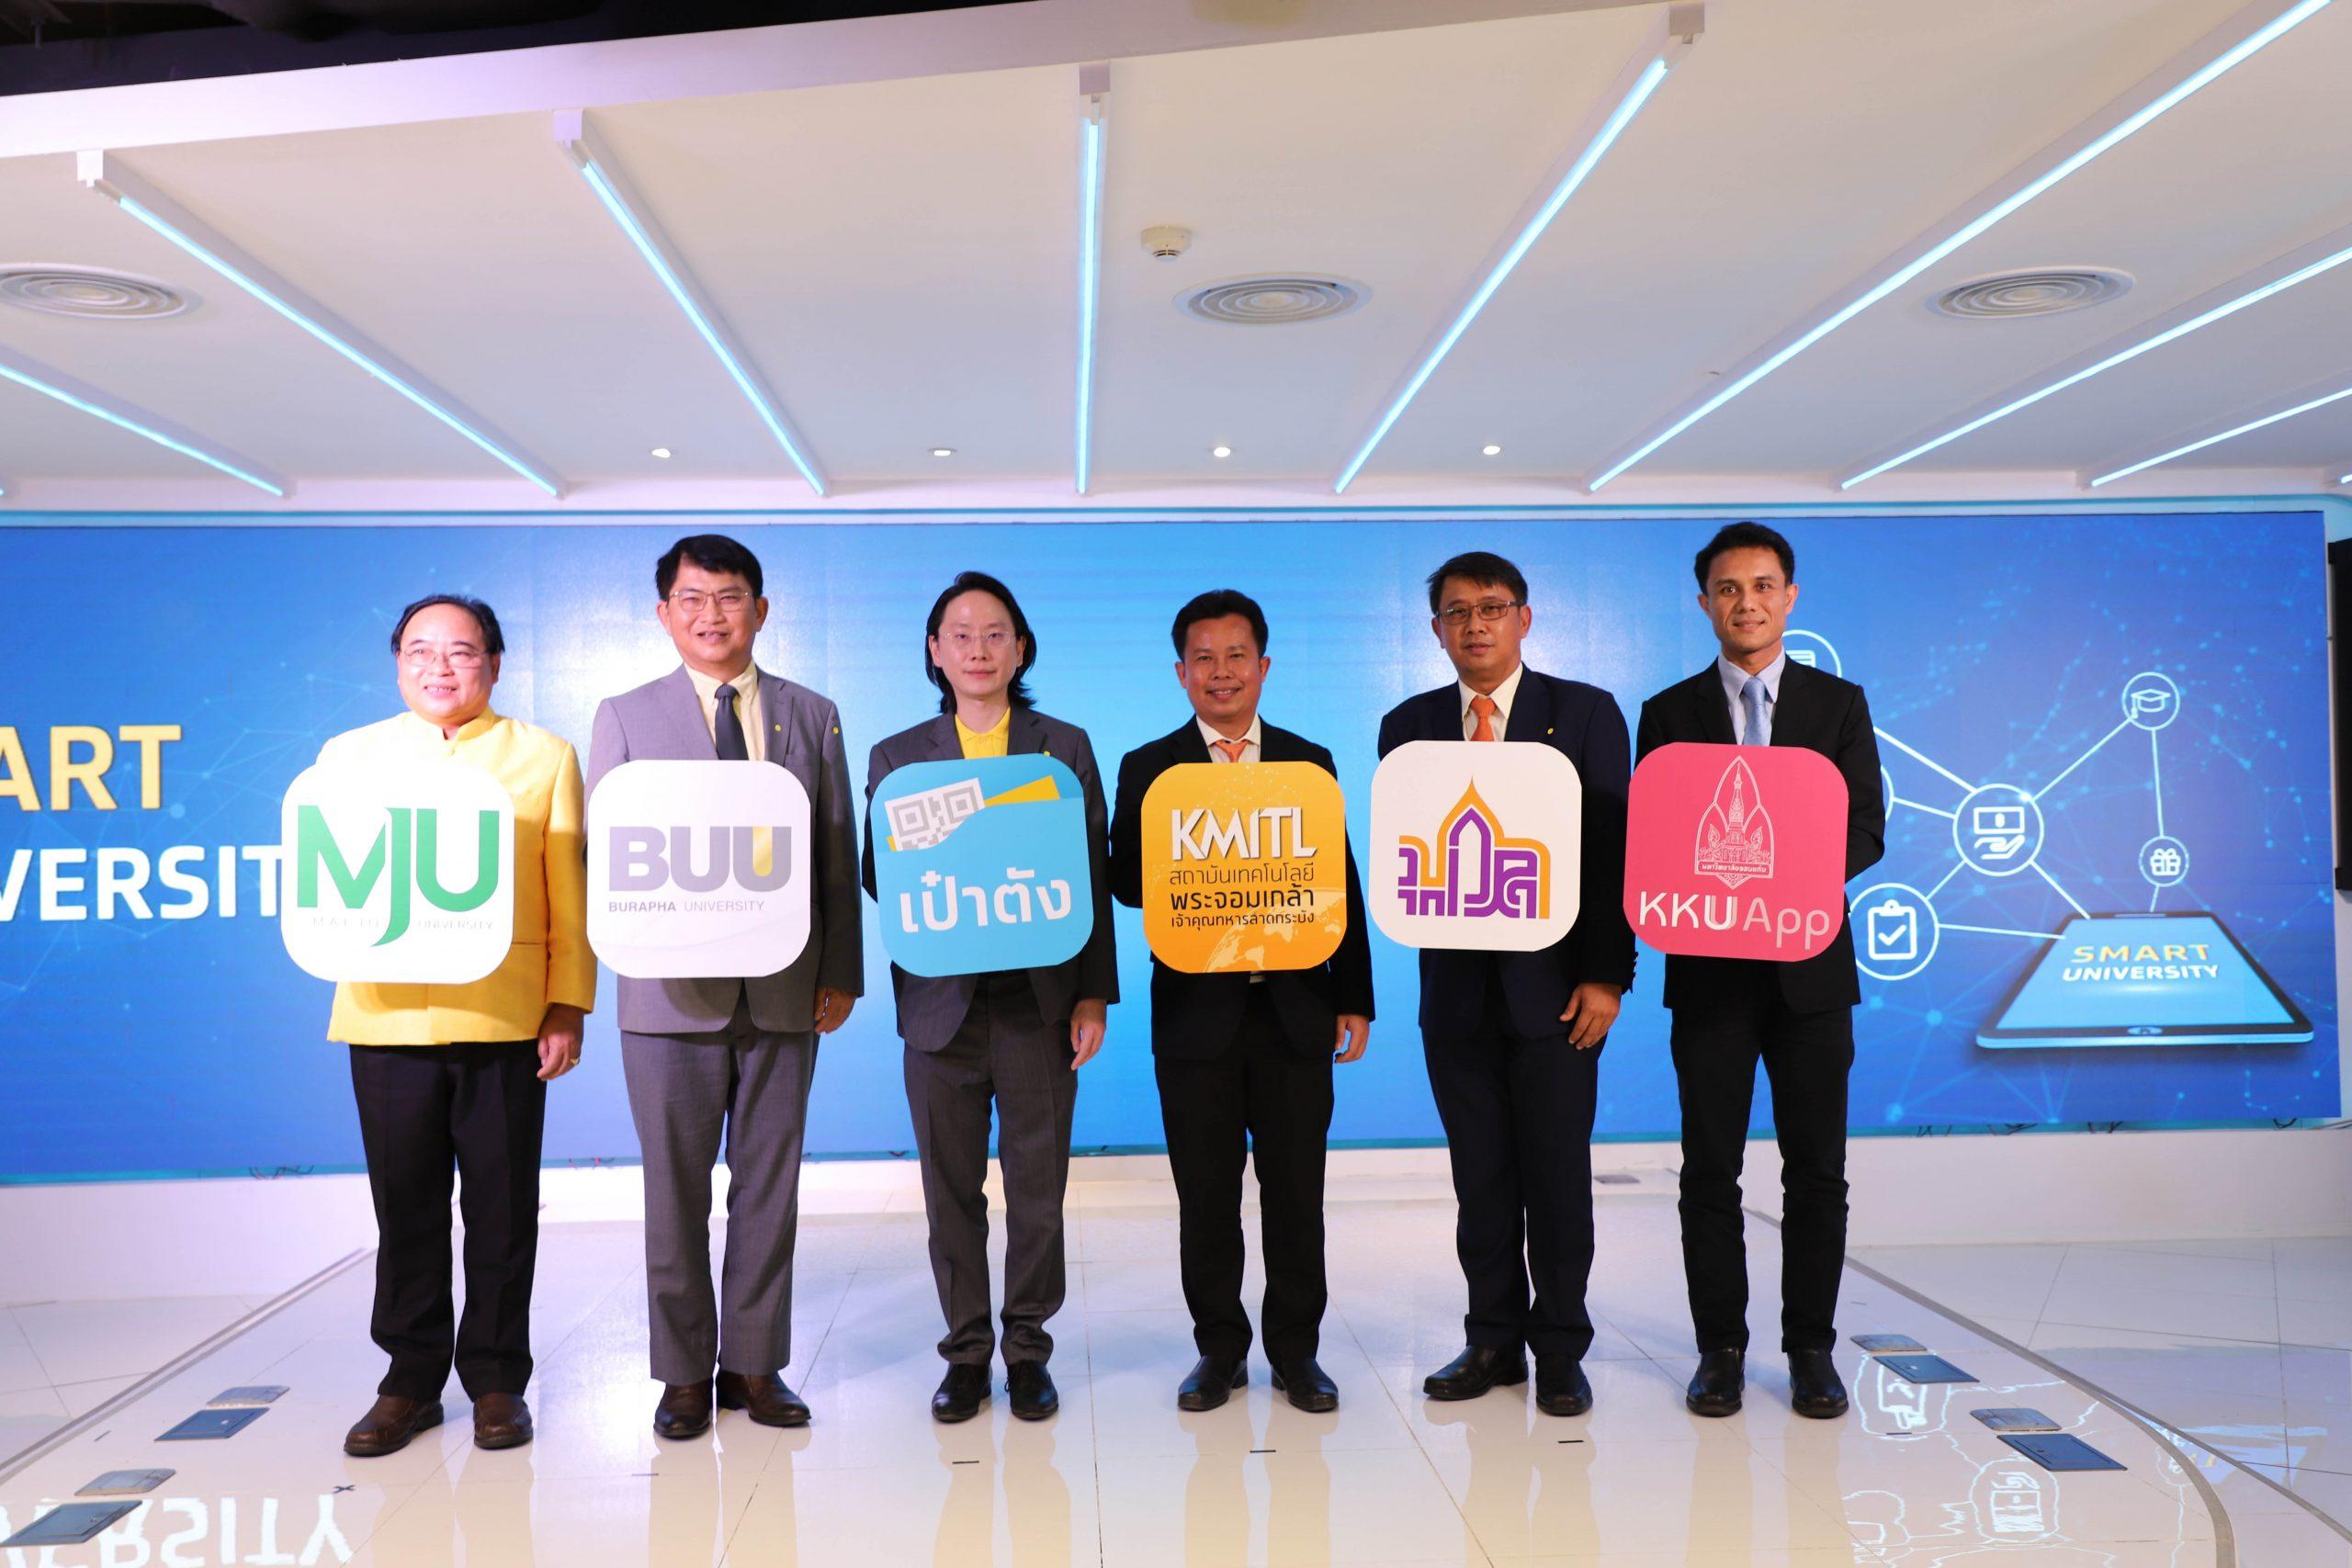 มหาวิทยาลัยวลัยลักษณ์ Smart University